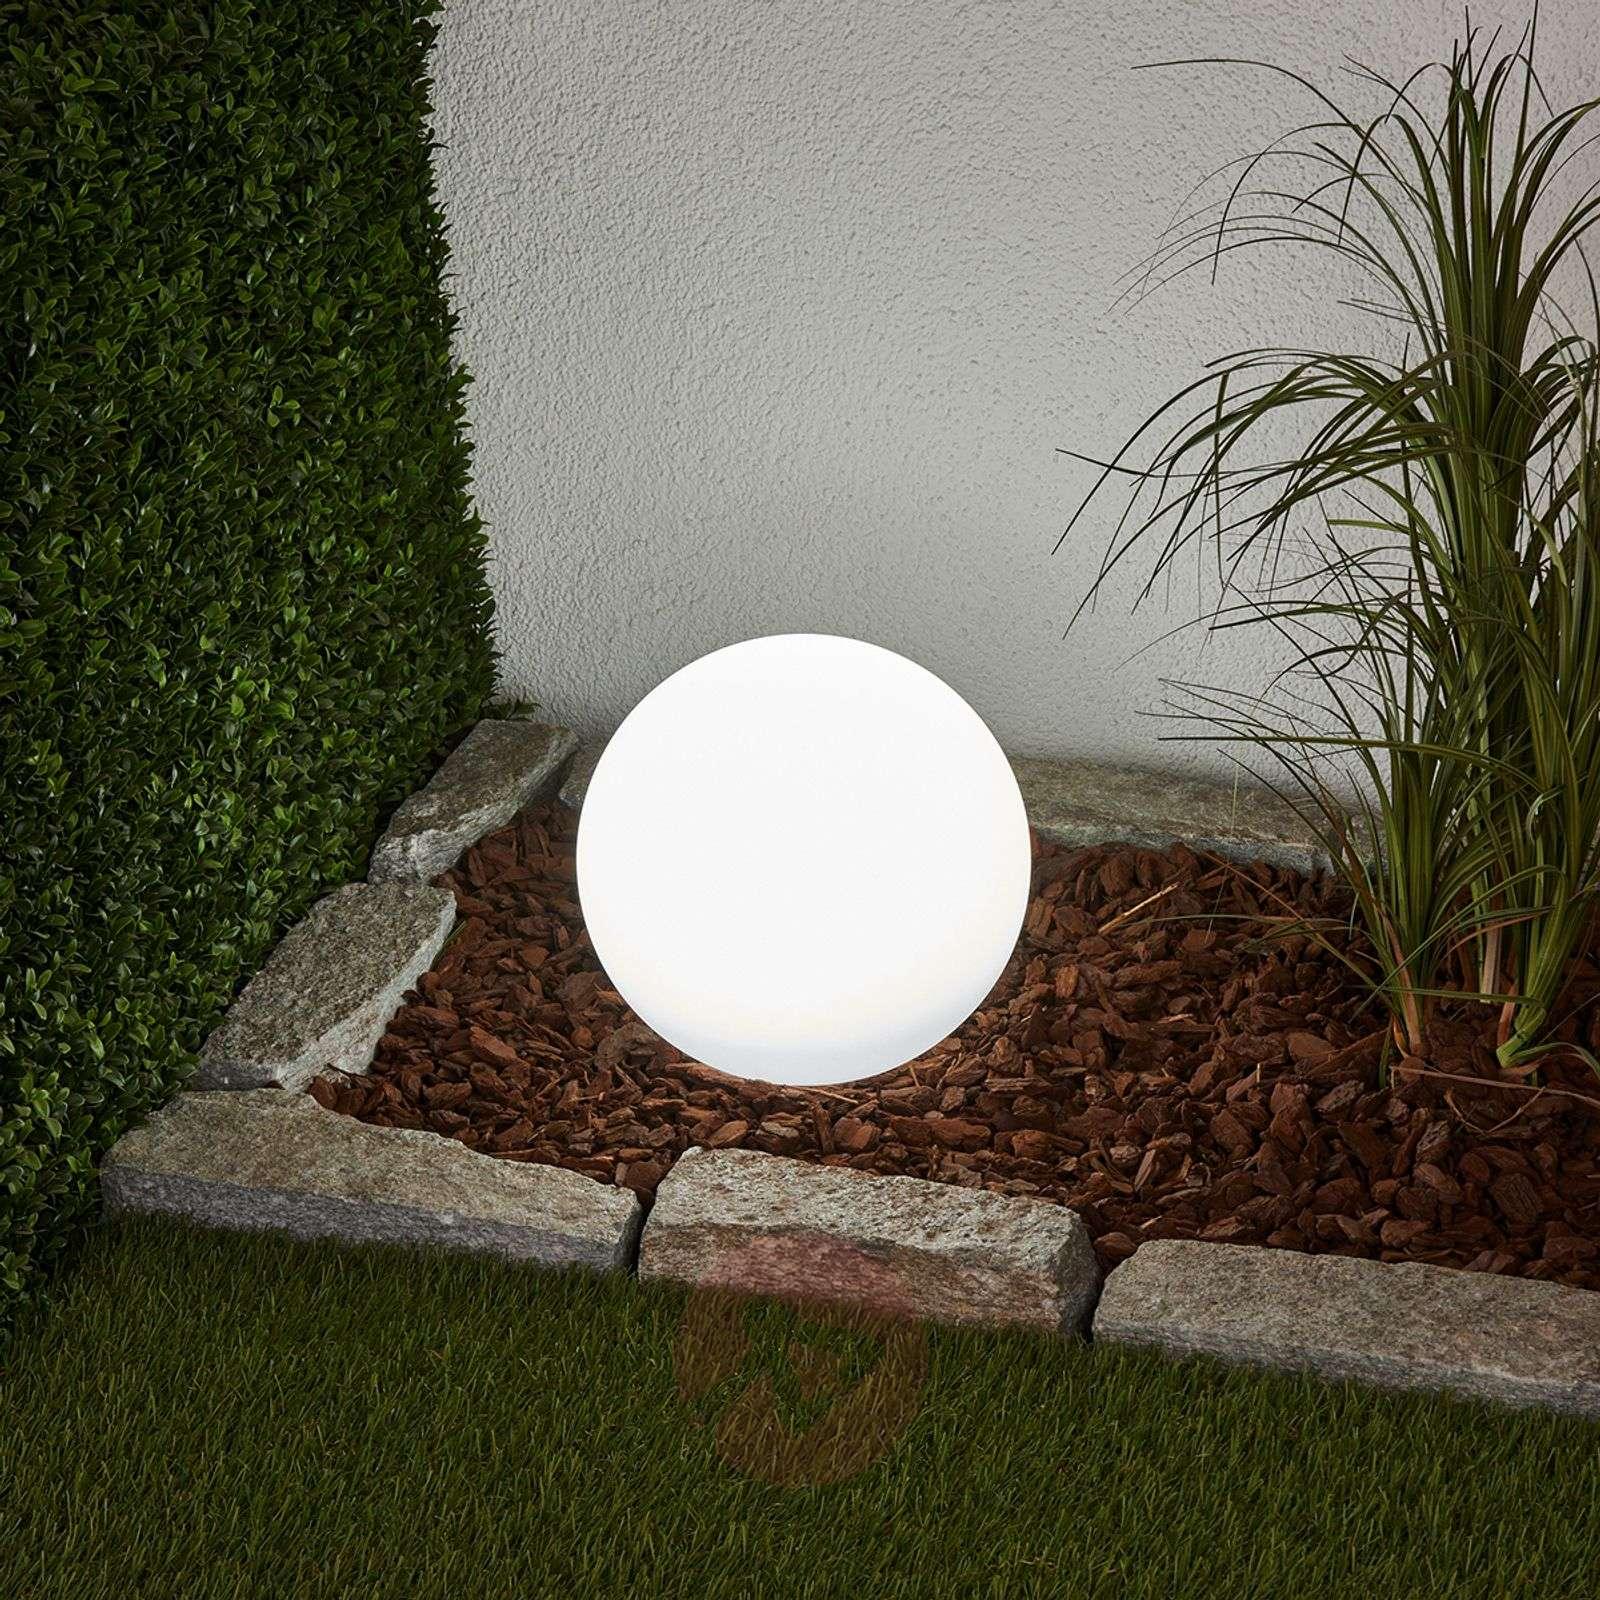 Lago-aurinkopallo LEDillä ja maapiikillä-4018063-02